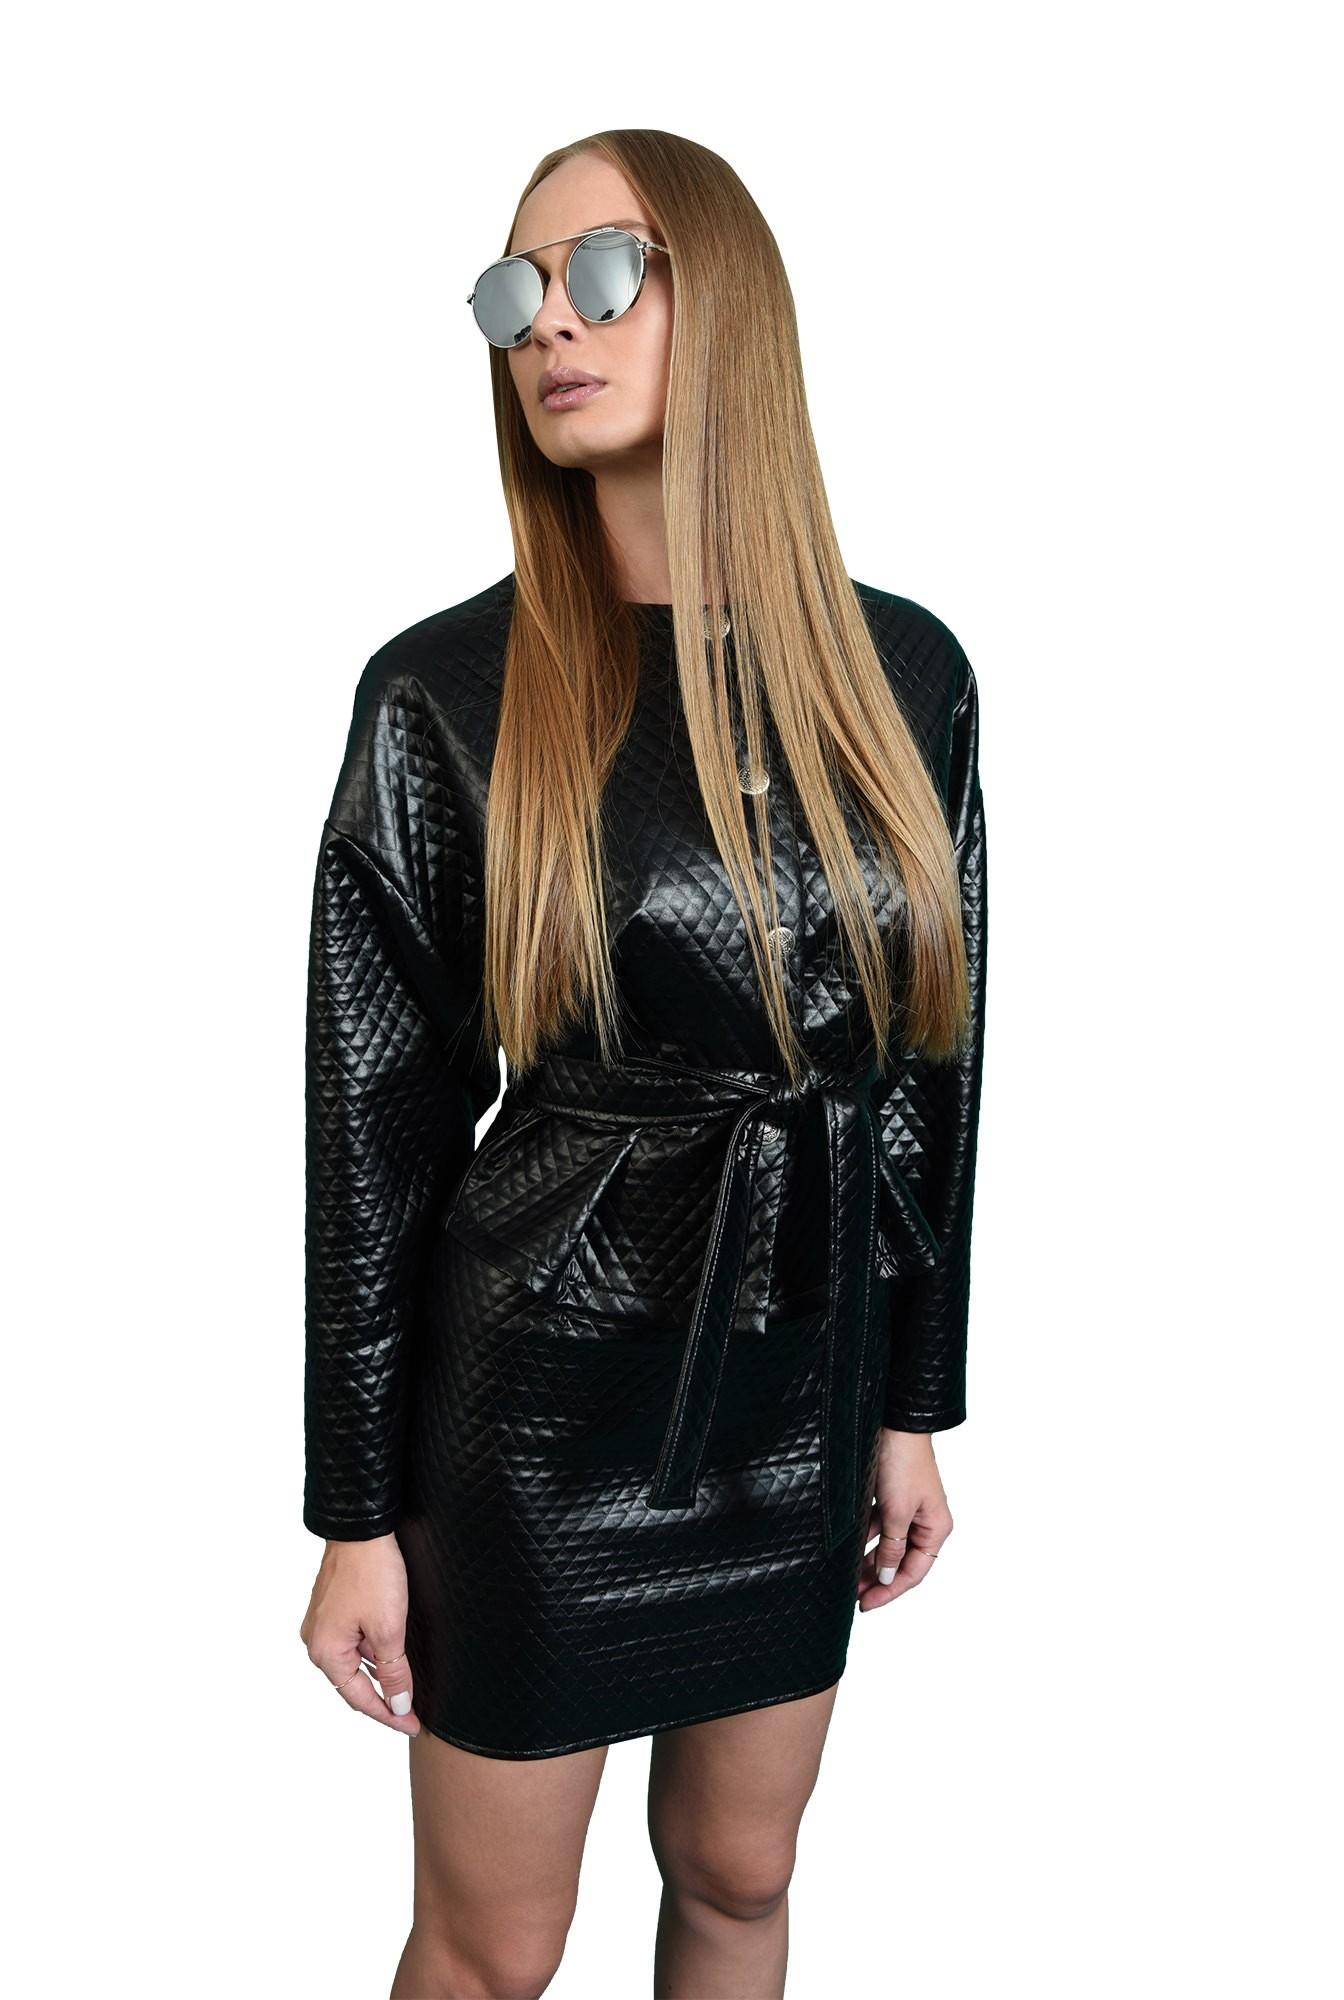 3 - compleu negru, cu fusta scurta, cu jacheta cu capse